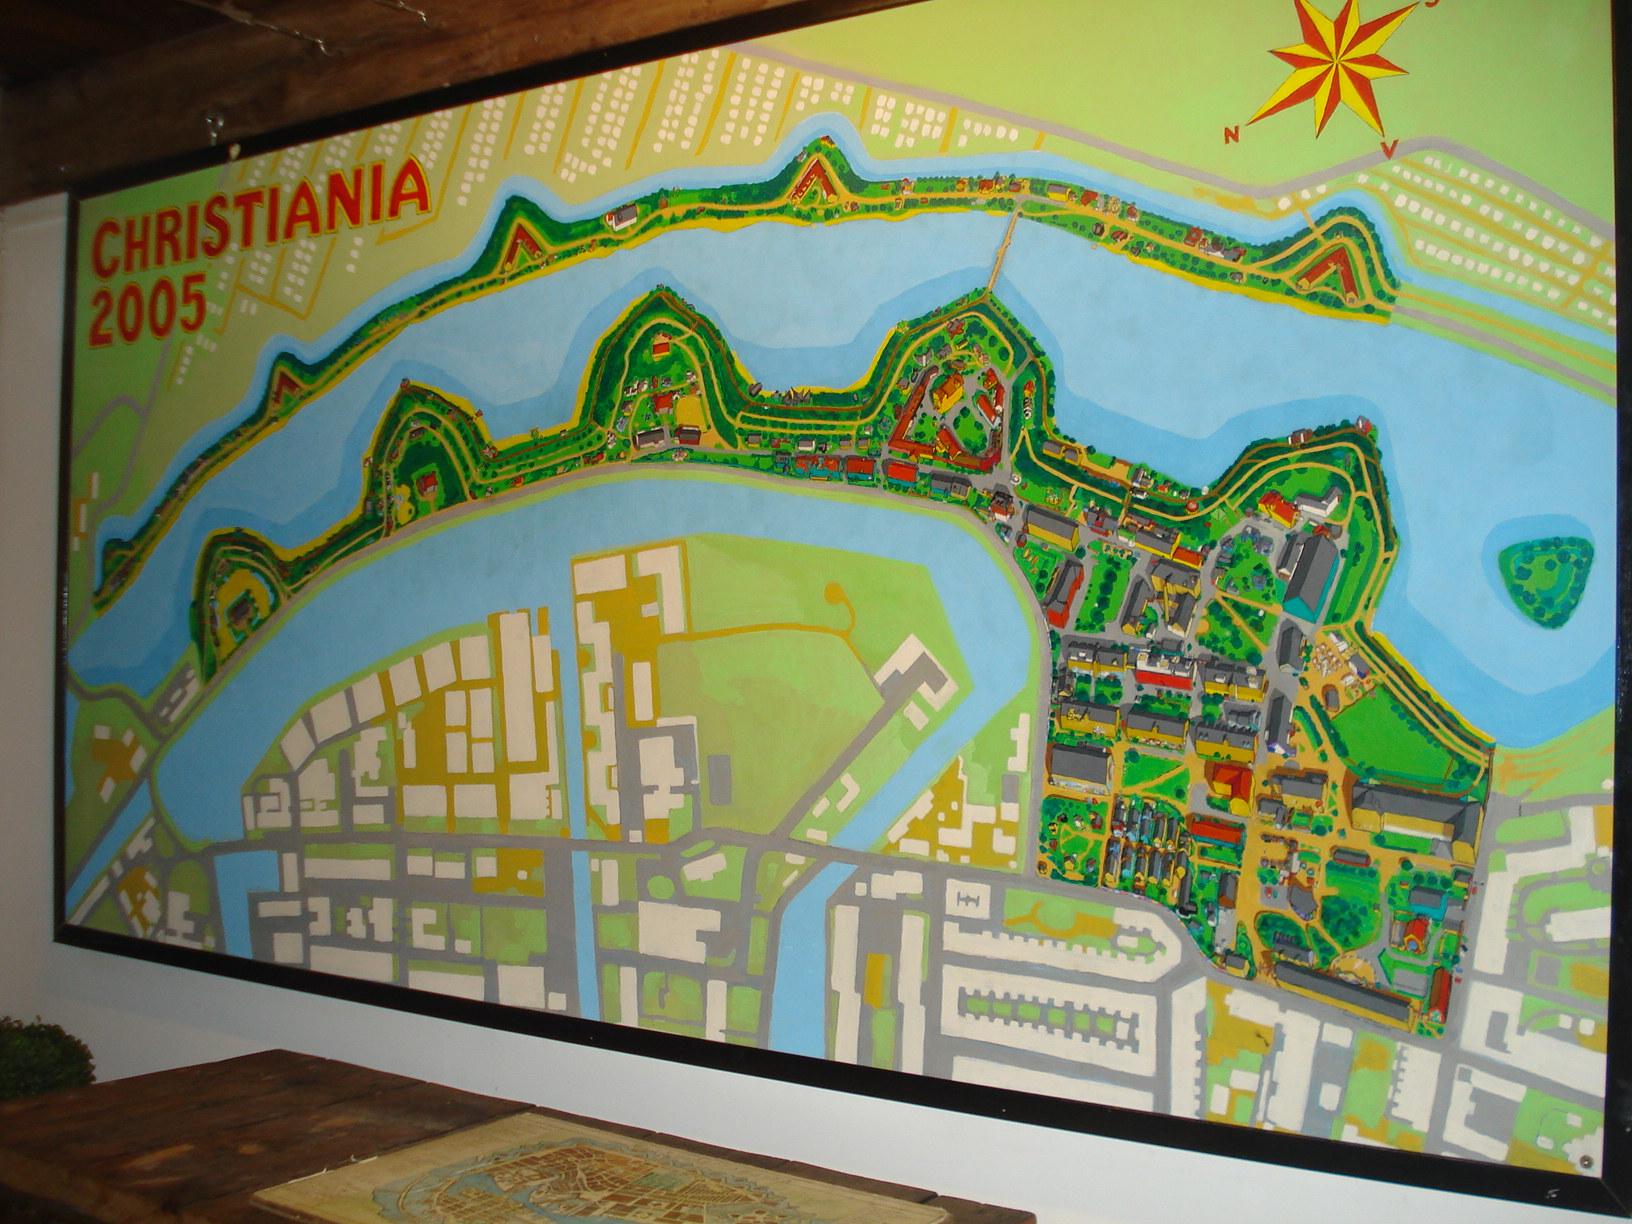 Christianshavn map